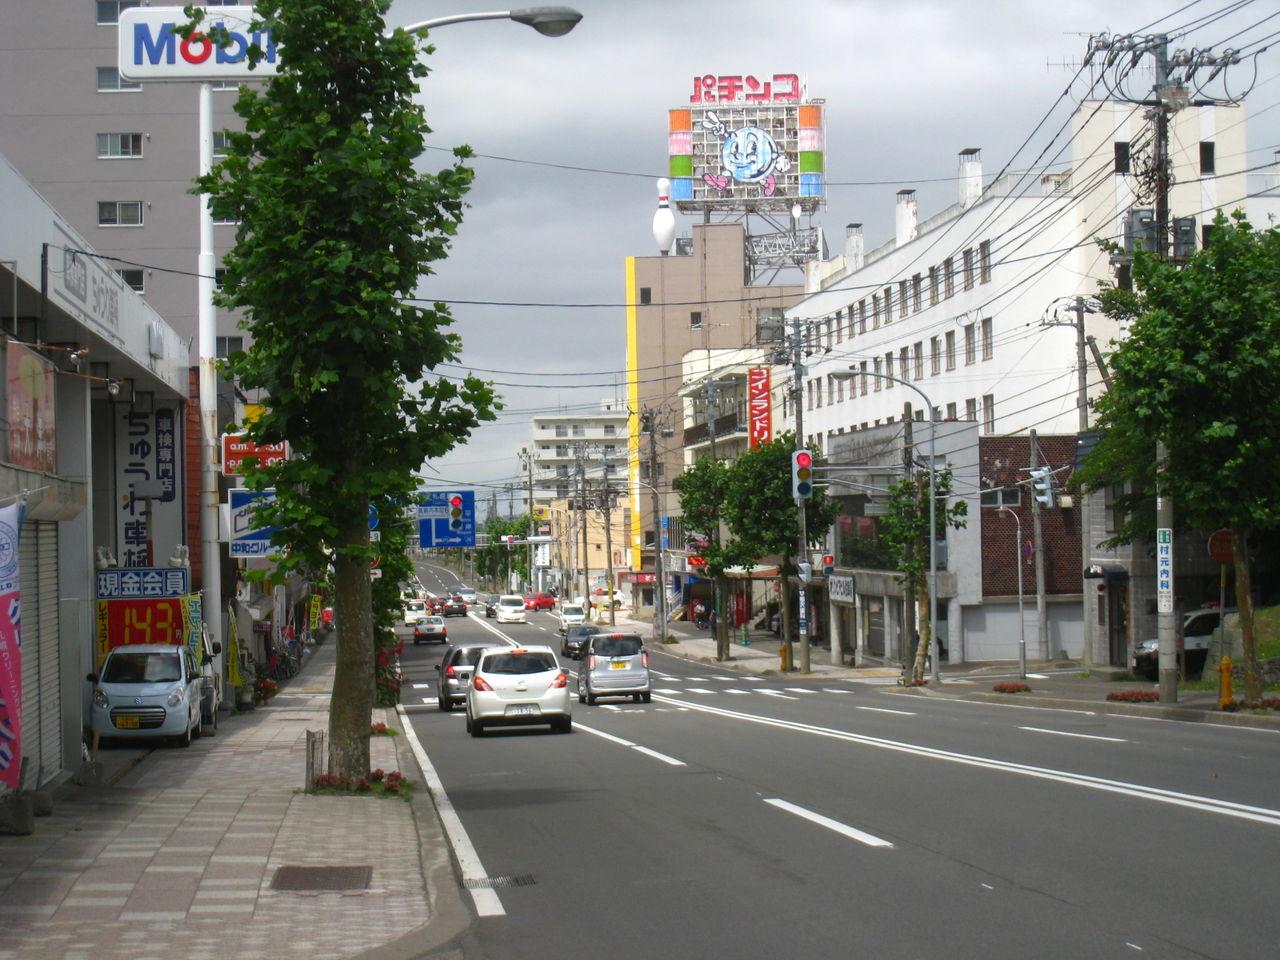 杉本喫茶室ブログ : 真駒内界隈